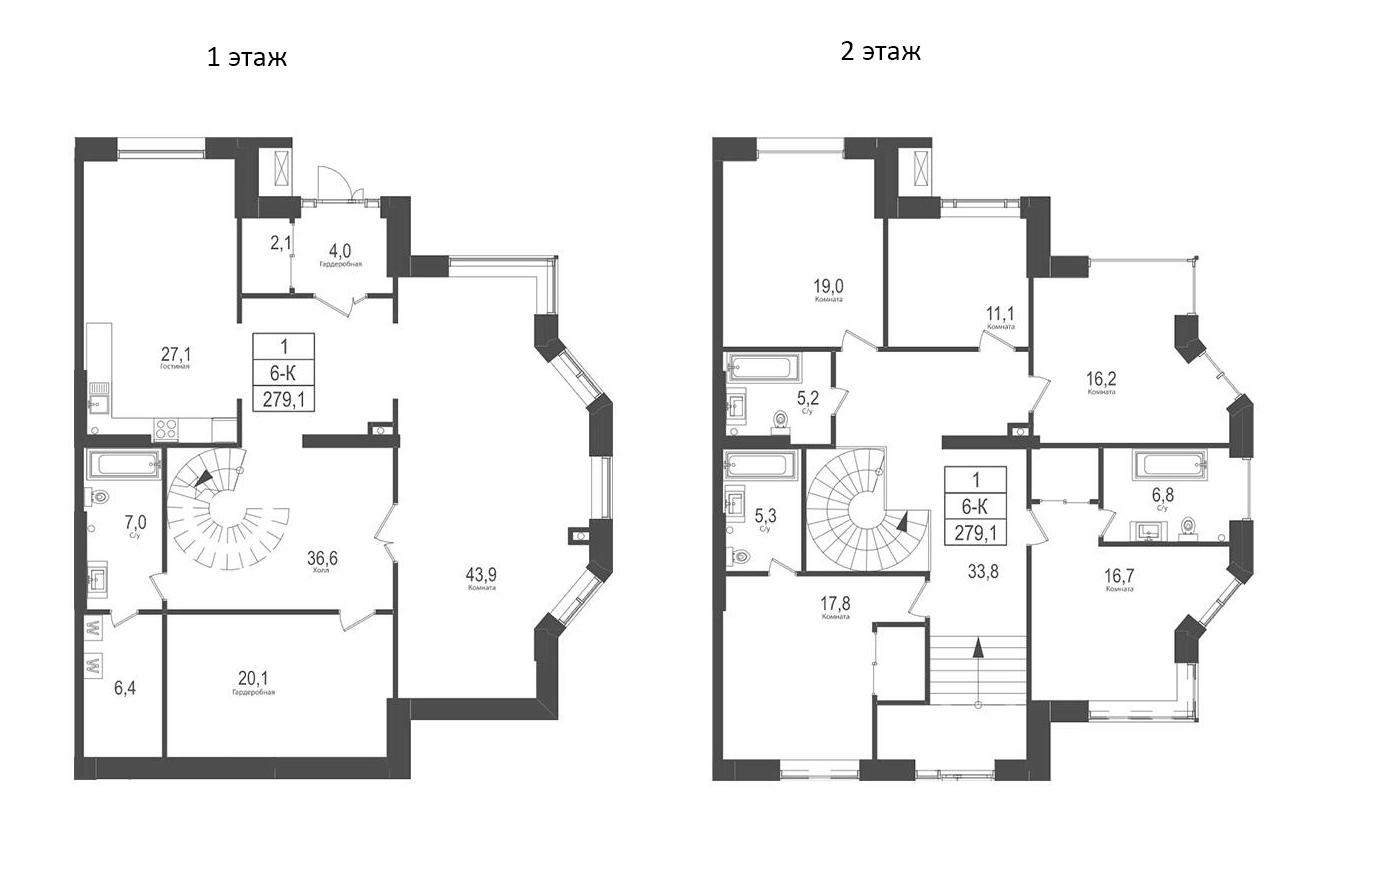 6-к.кв, 279.1 м²